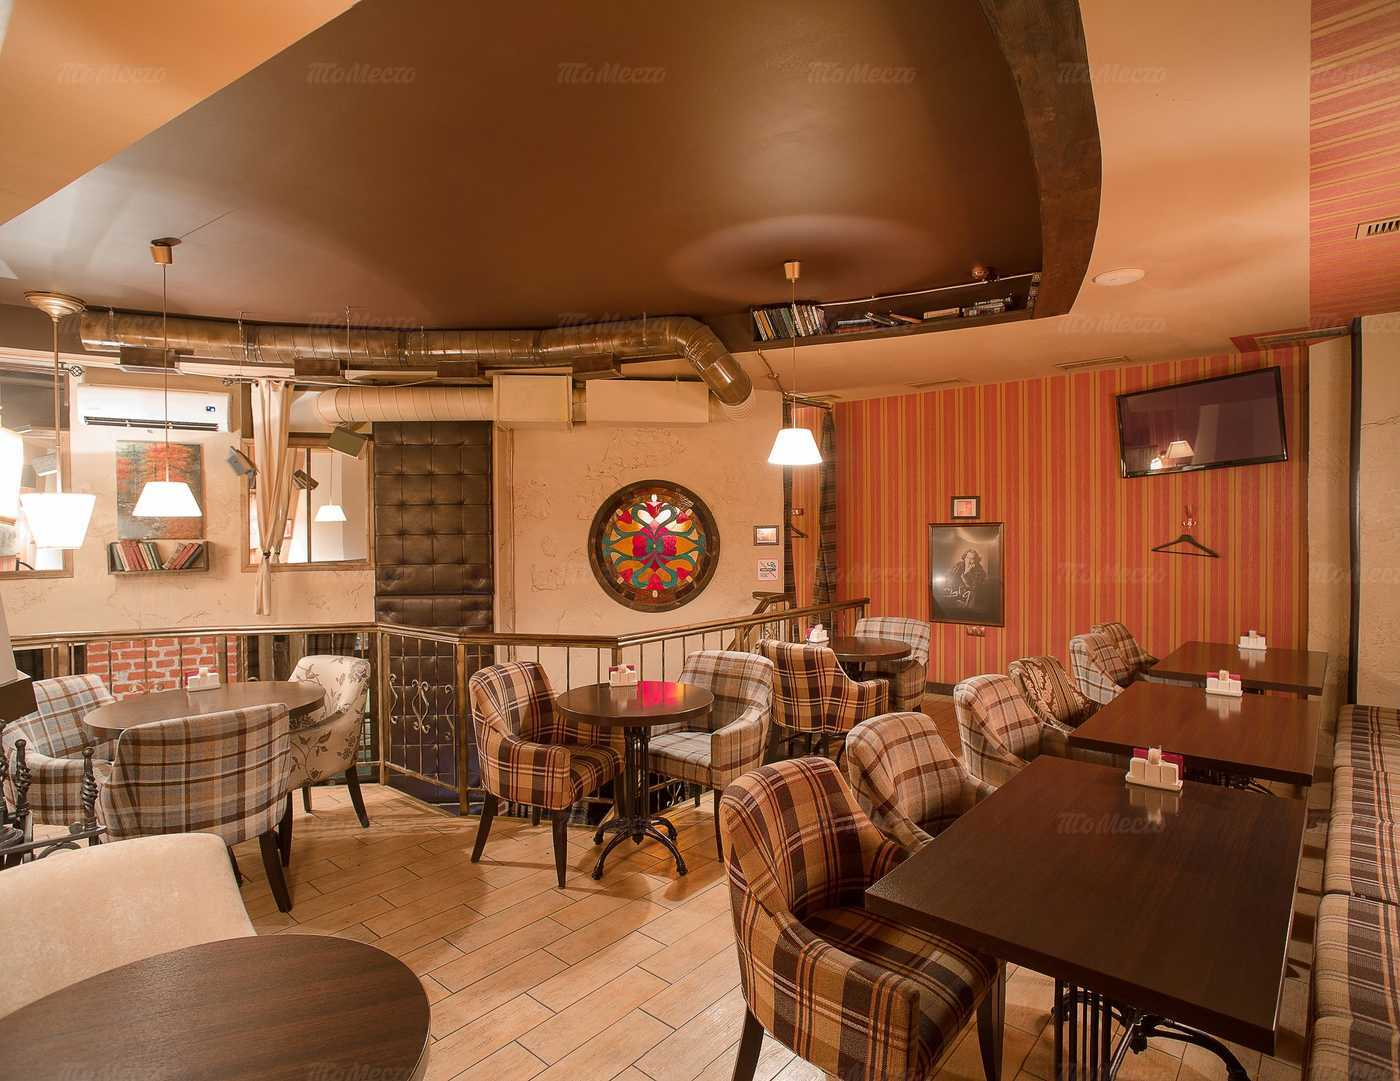 Меню паба, пивного ресторана, ресторана Мюнхель (Munhell) на Комендантском проспекте